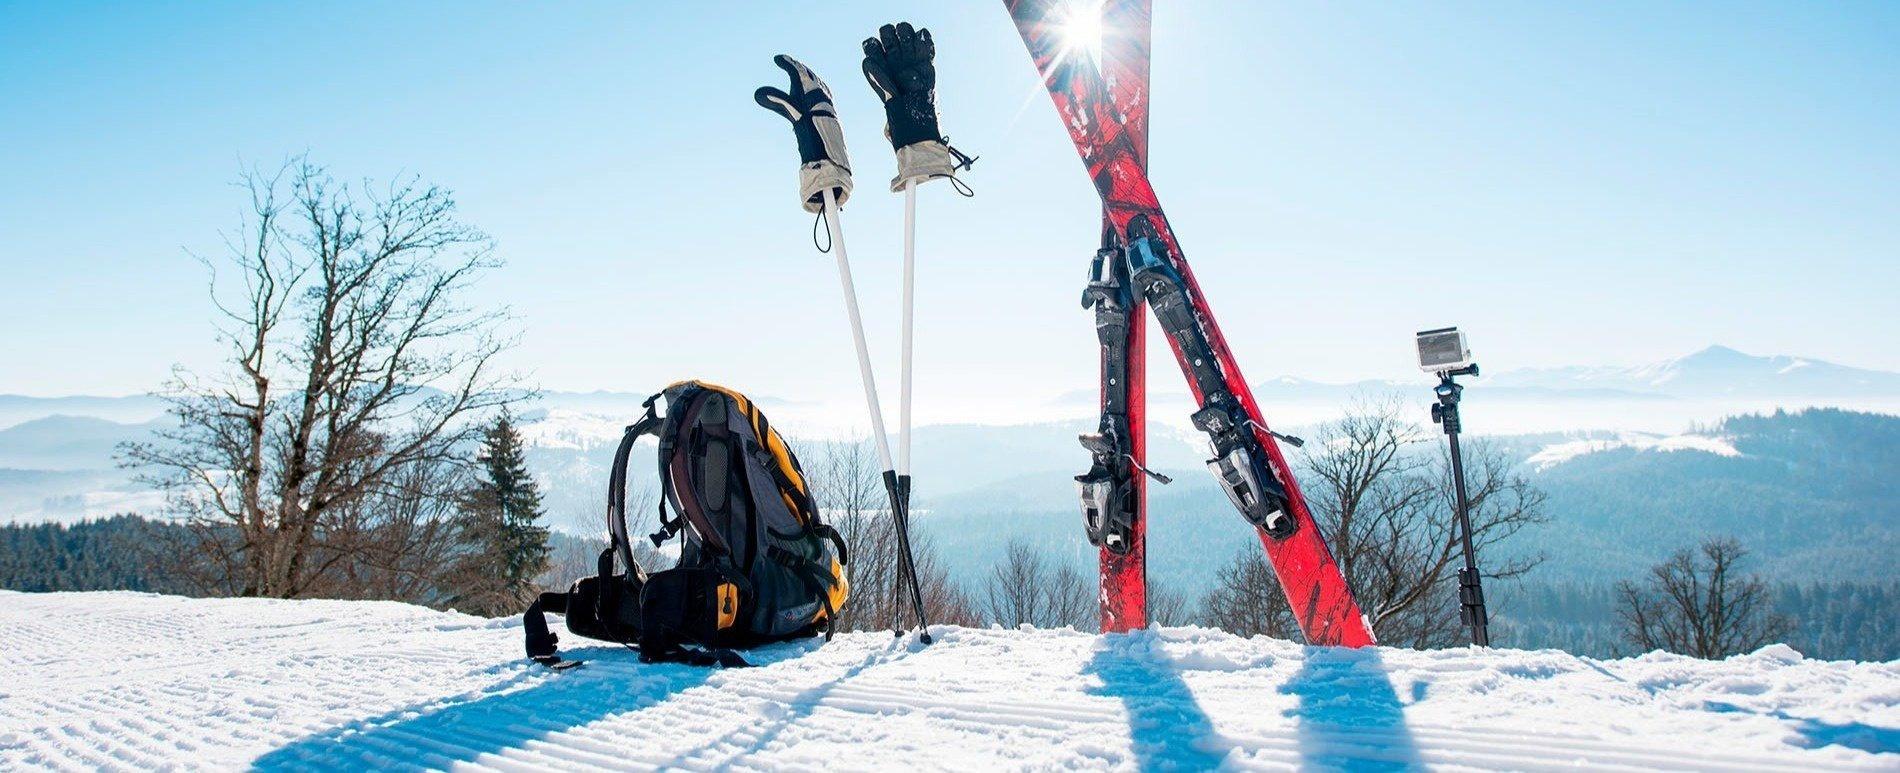 oferta hotel con forfait de esquí a Grandvalira